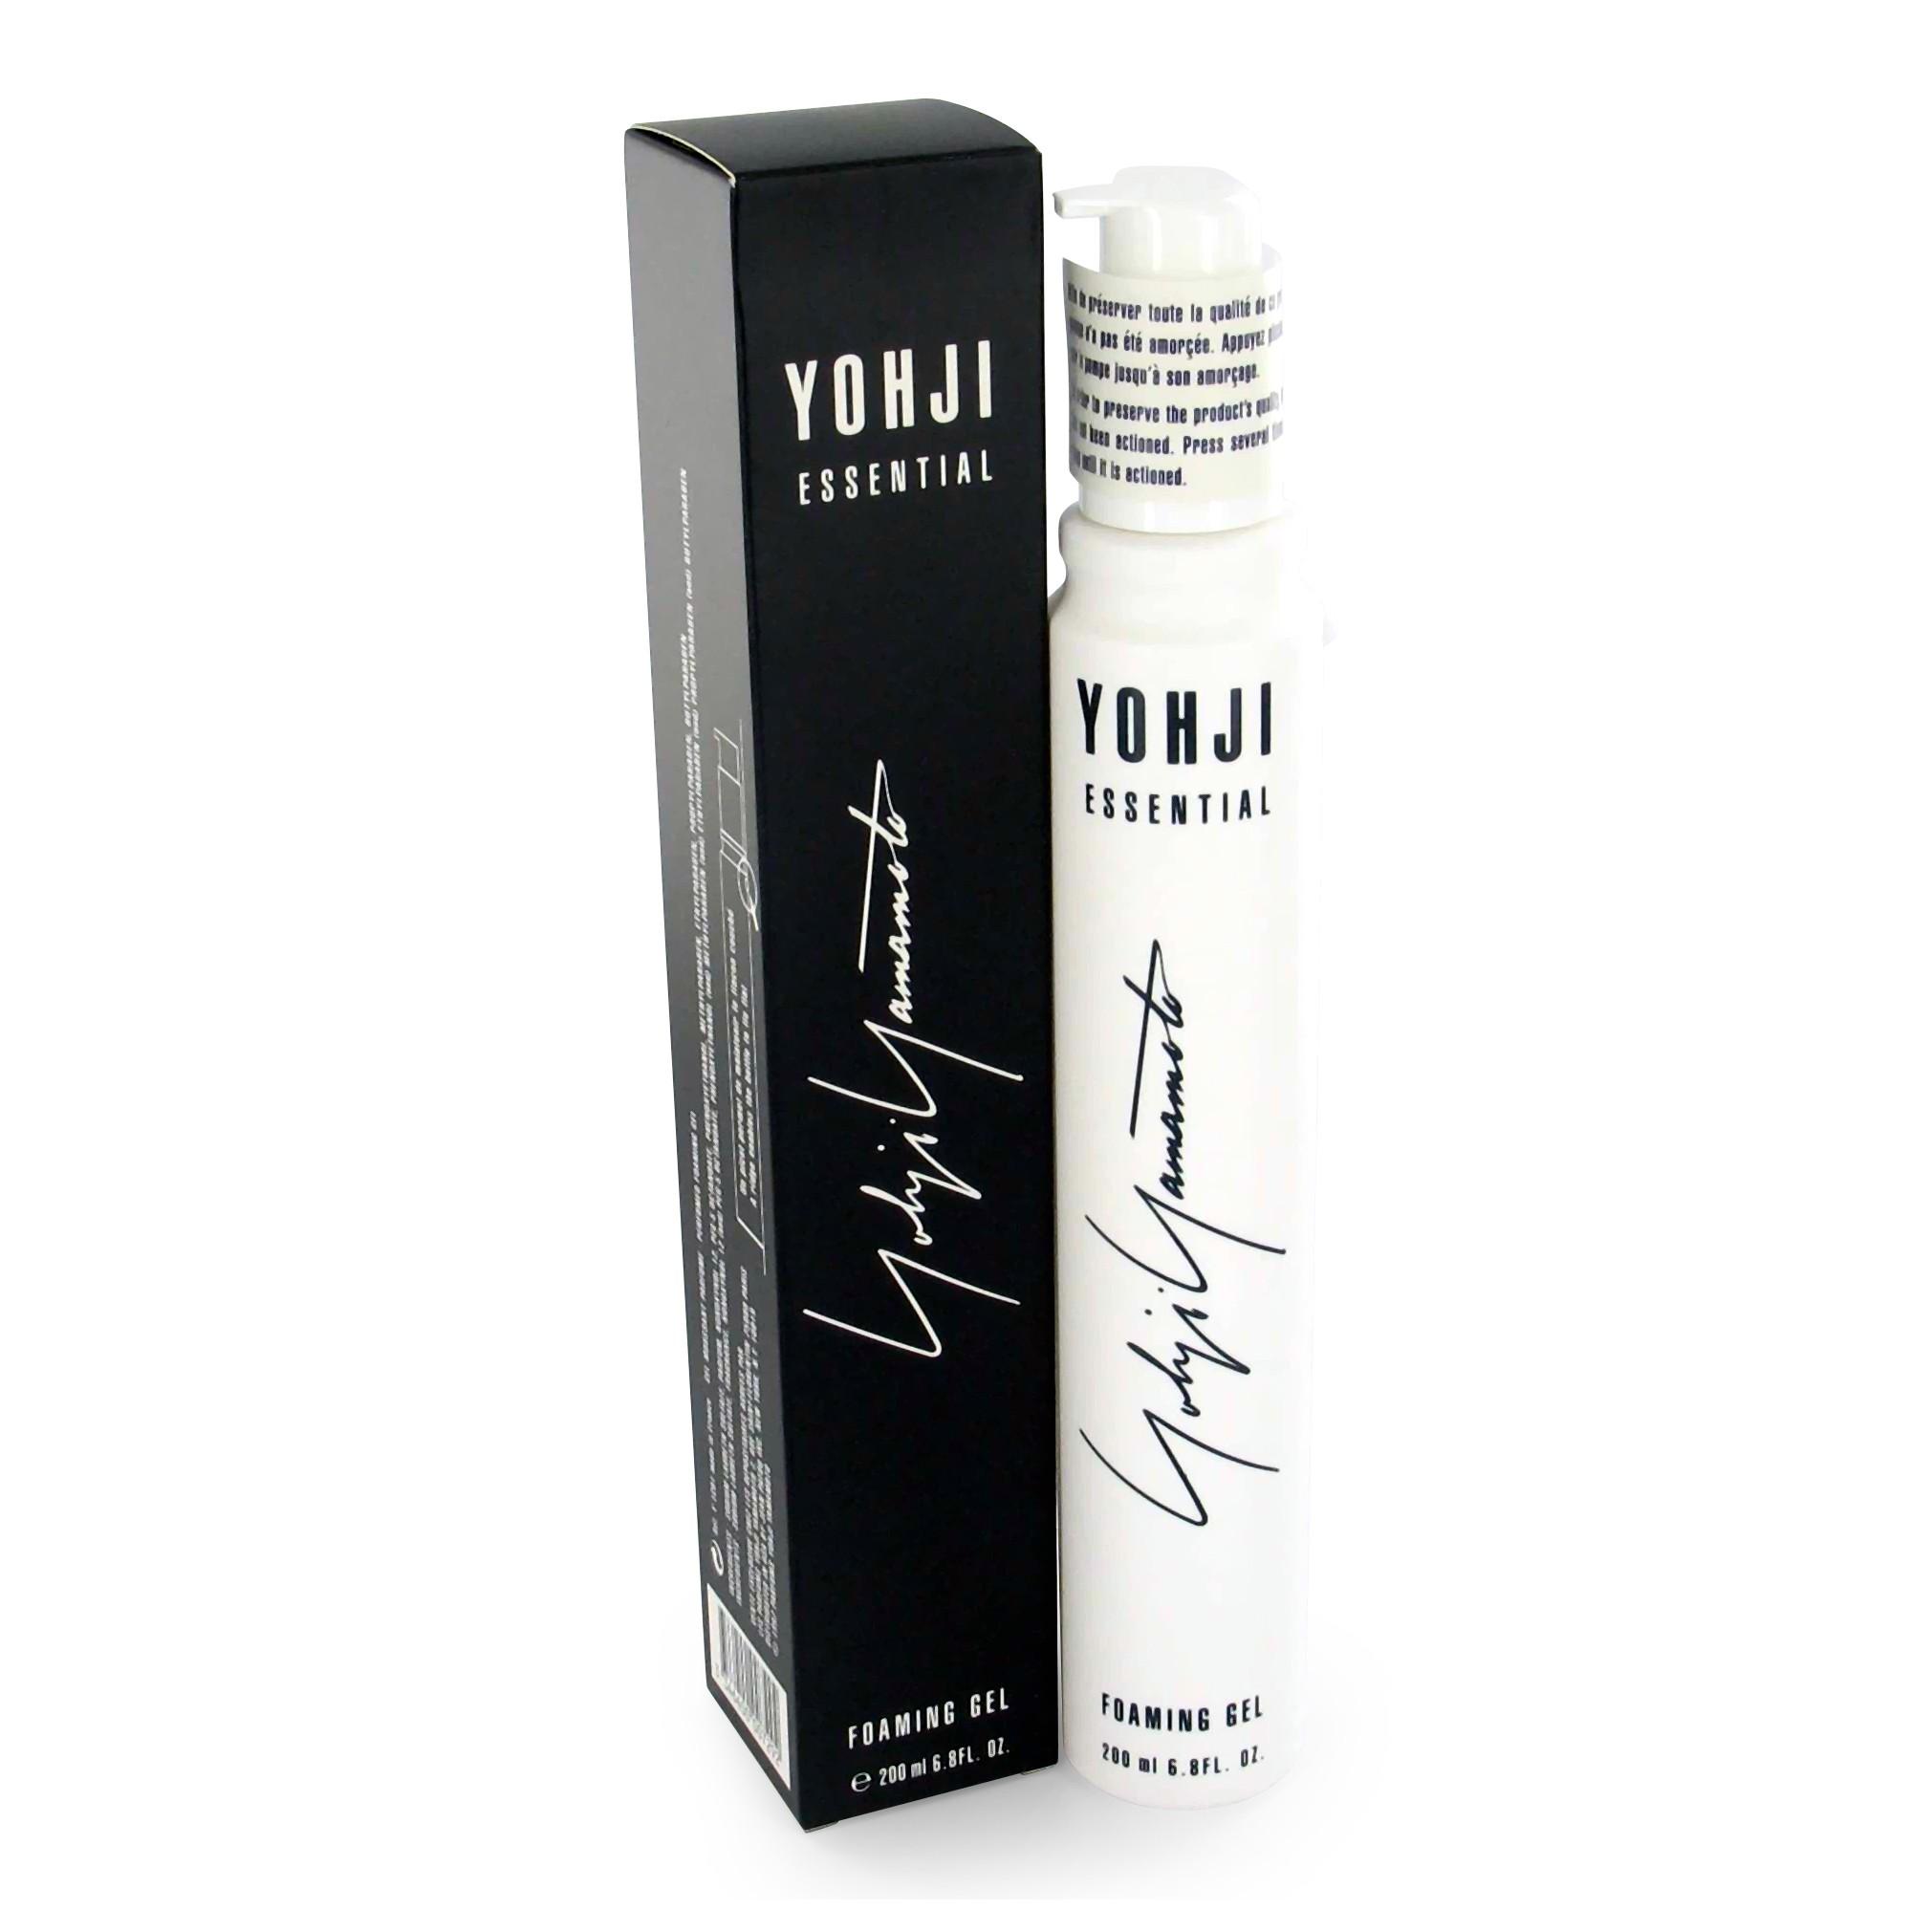 Yohji Yamamoto Yohji Essential аромат для женщин